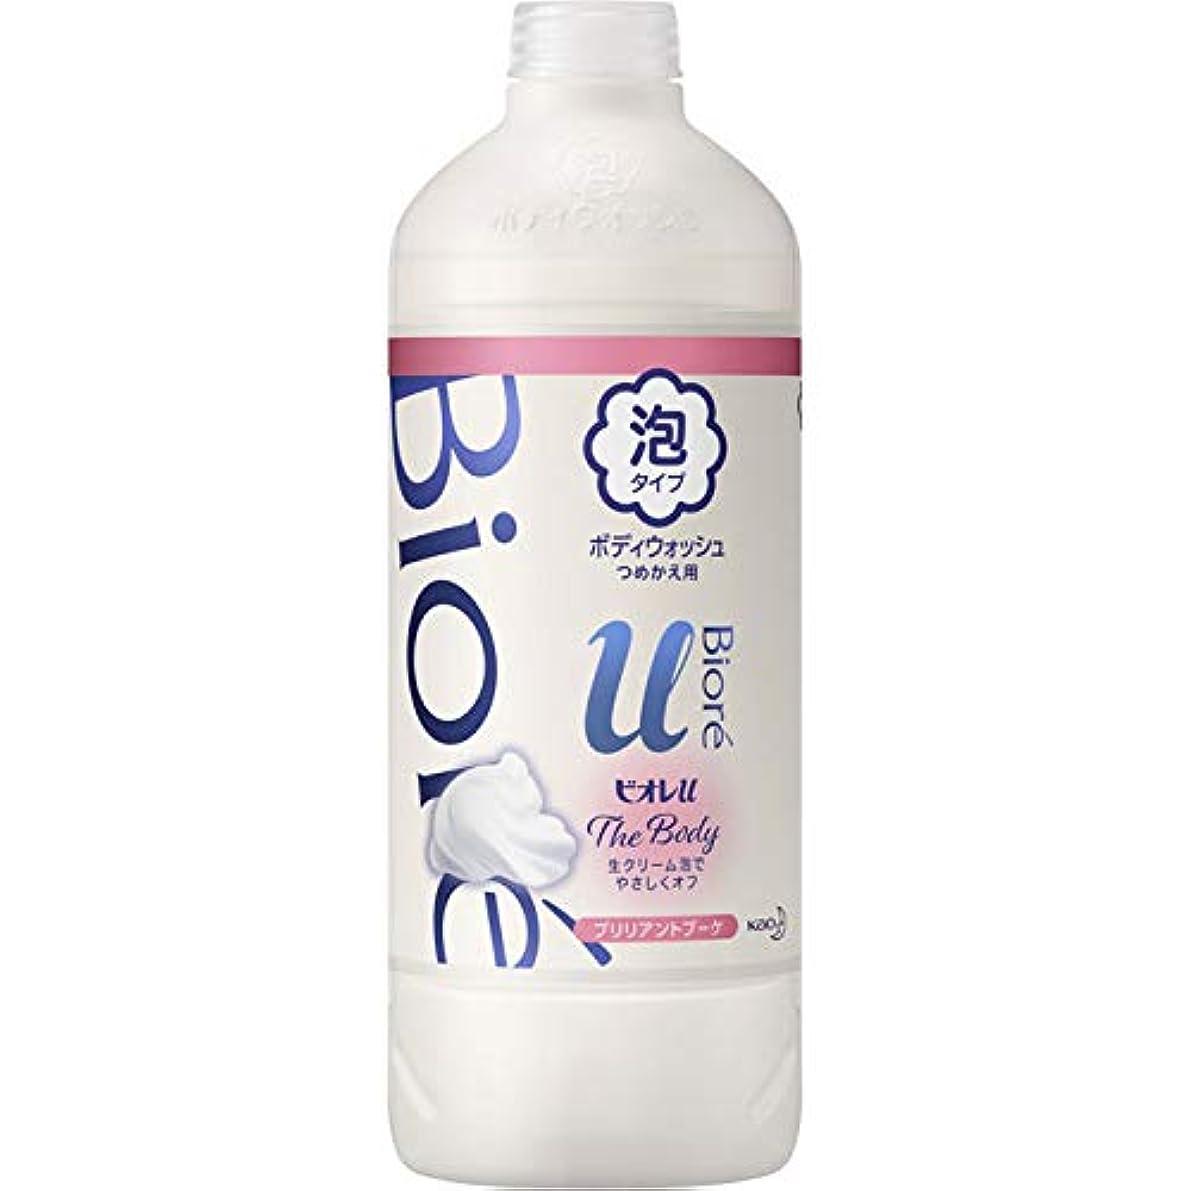 連続的出発群れ花王 ビオレu ザ ボディ泡ブリリアントブーケの香り 詰替え用 450ml